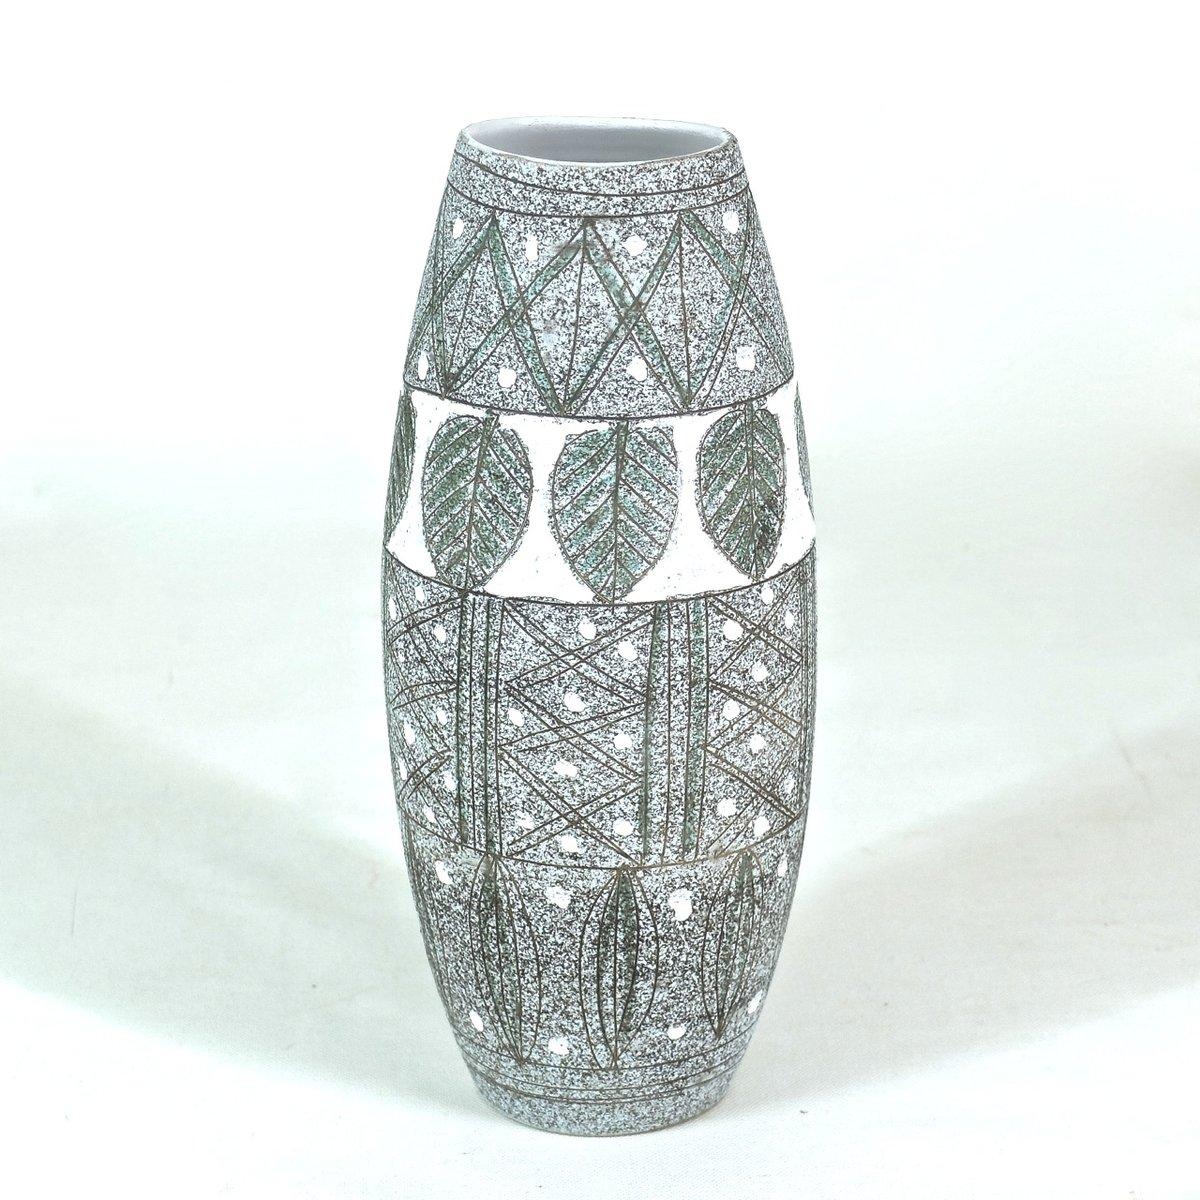 italienische mid century vase von fratelli fanciullacci bei pamono kaufen. Black Bedroom Furniture Sets. Home Design Ideas